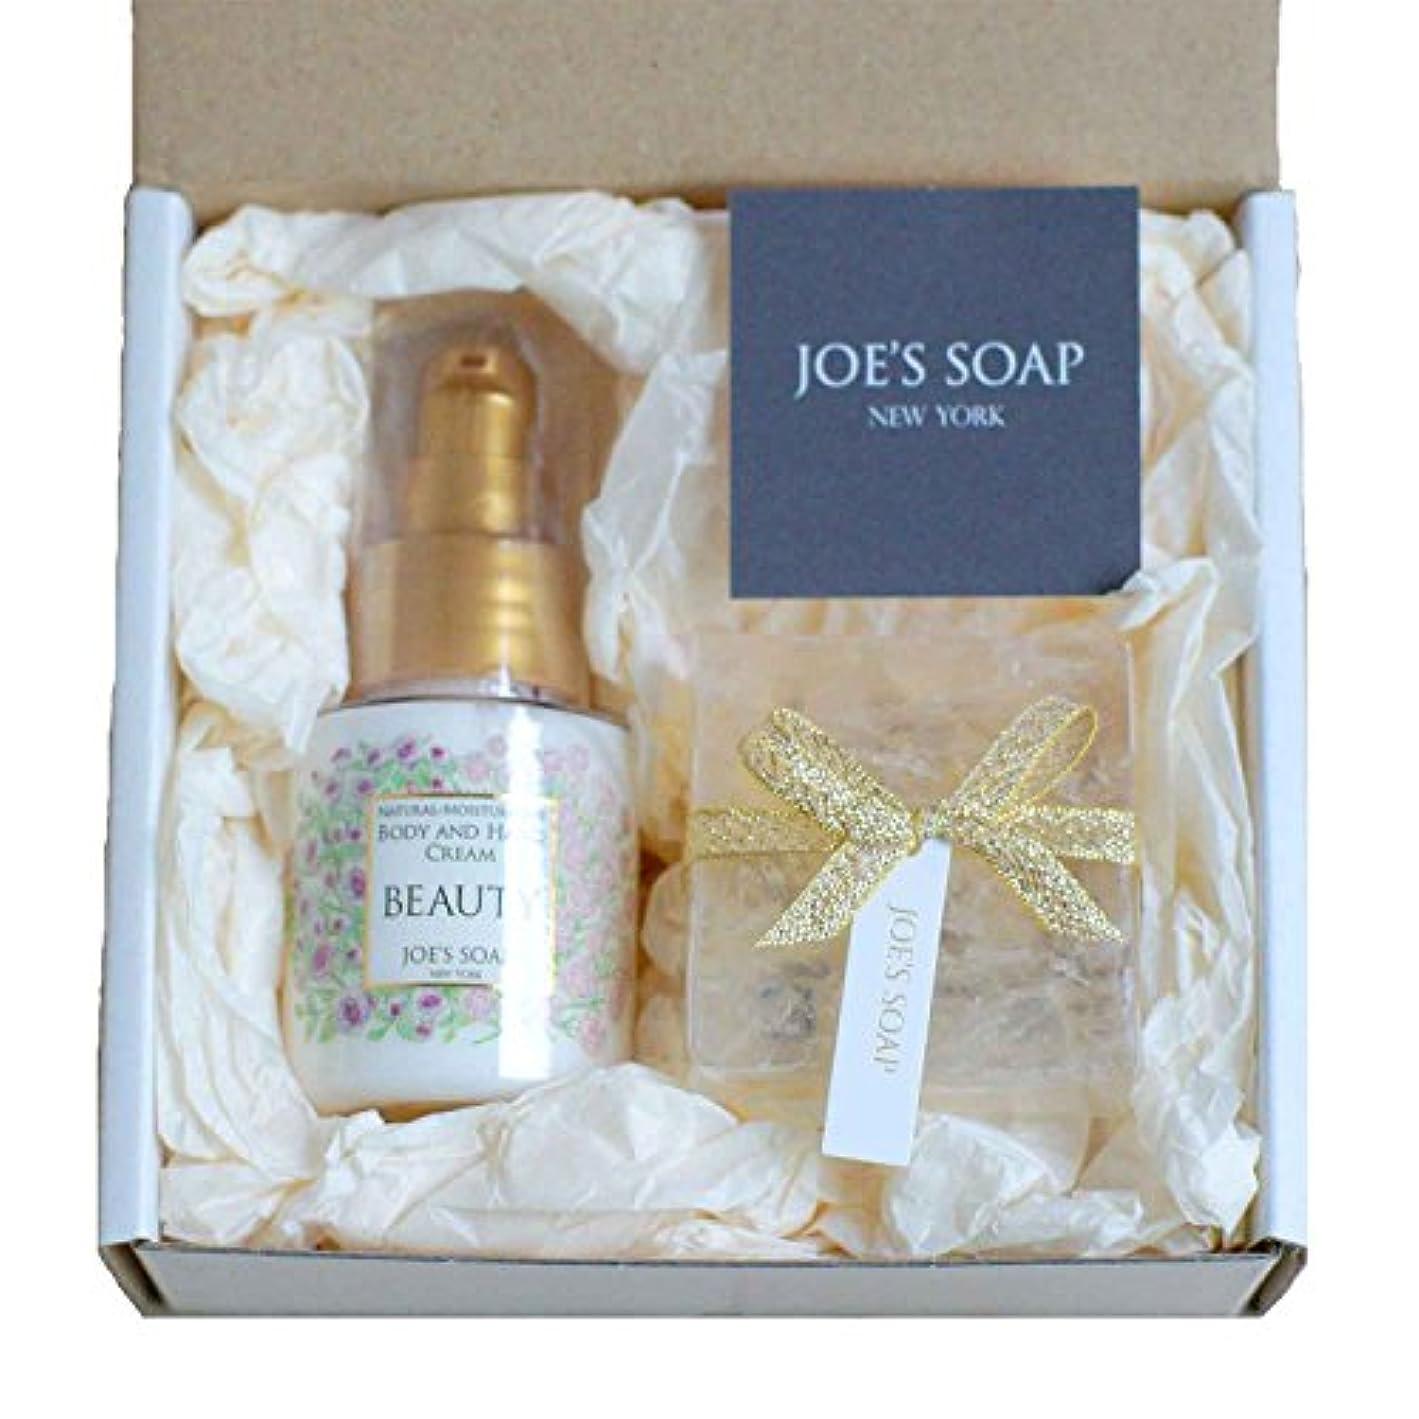 回る休日にテレビを見るJOE'S SOAP (ジョーズソープ) ギフトボックス(BEAUTY) ハンドクリーム ボディクリーム 石鹸 保湿 ポンプ ボディケア スキンケア ギフト プレゼント いい香り